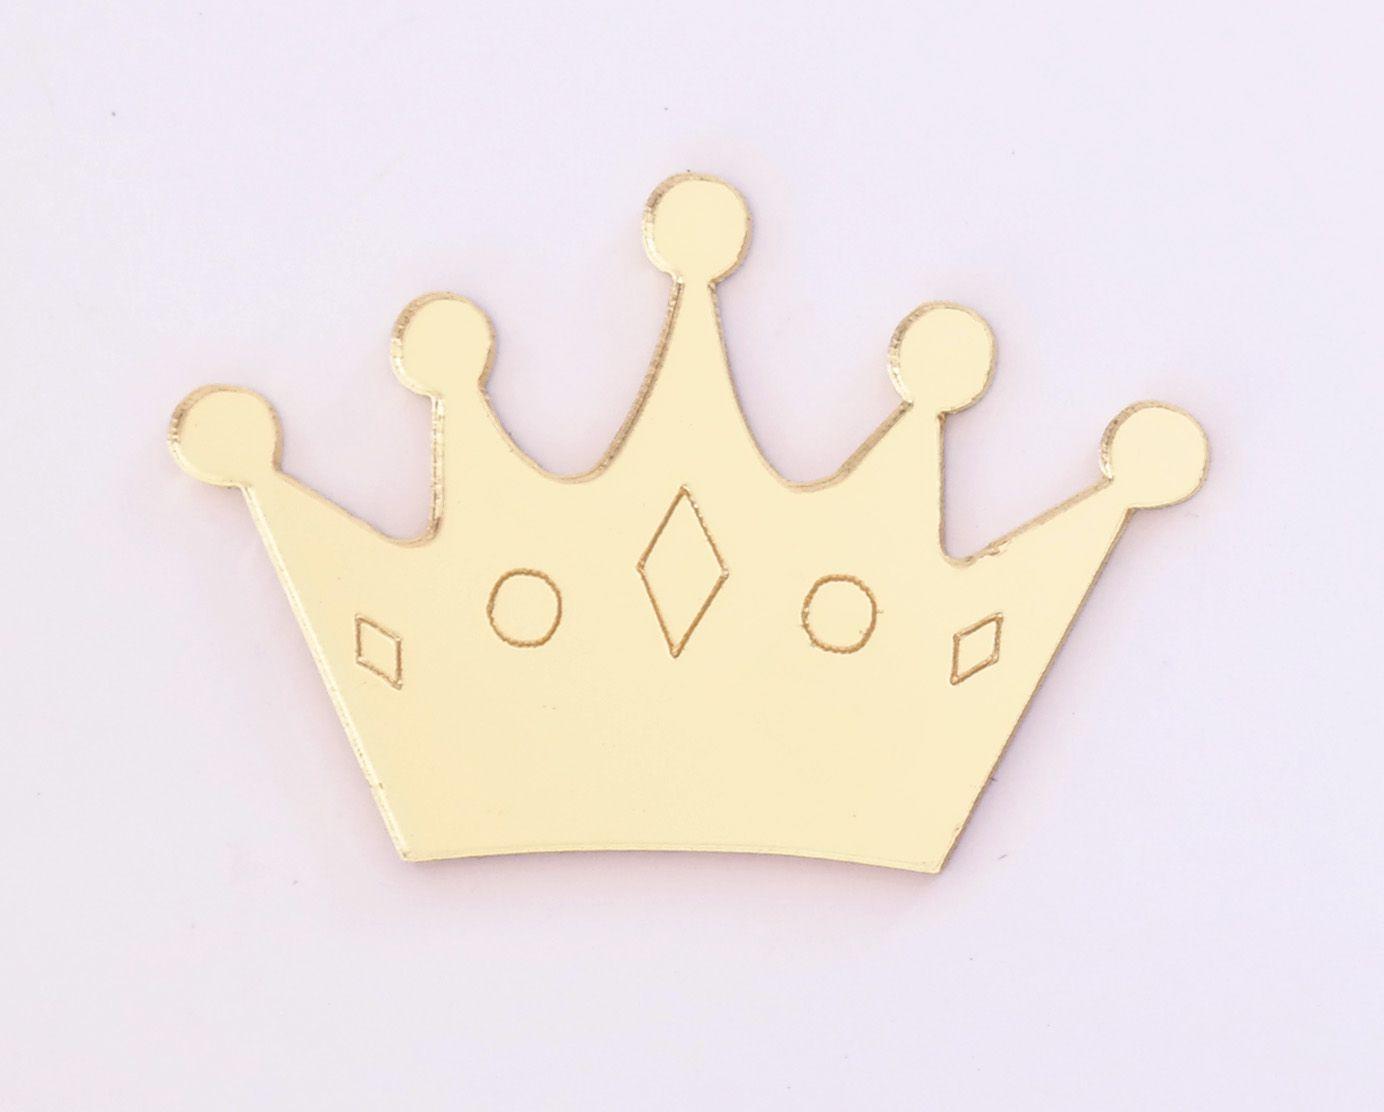 Aplique em acrílico espelhado - Coroa 03 - 5cm - 10 peças